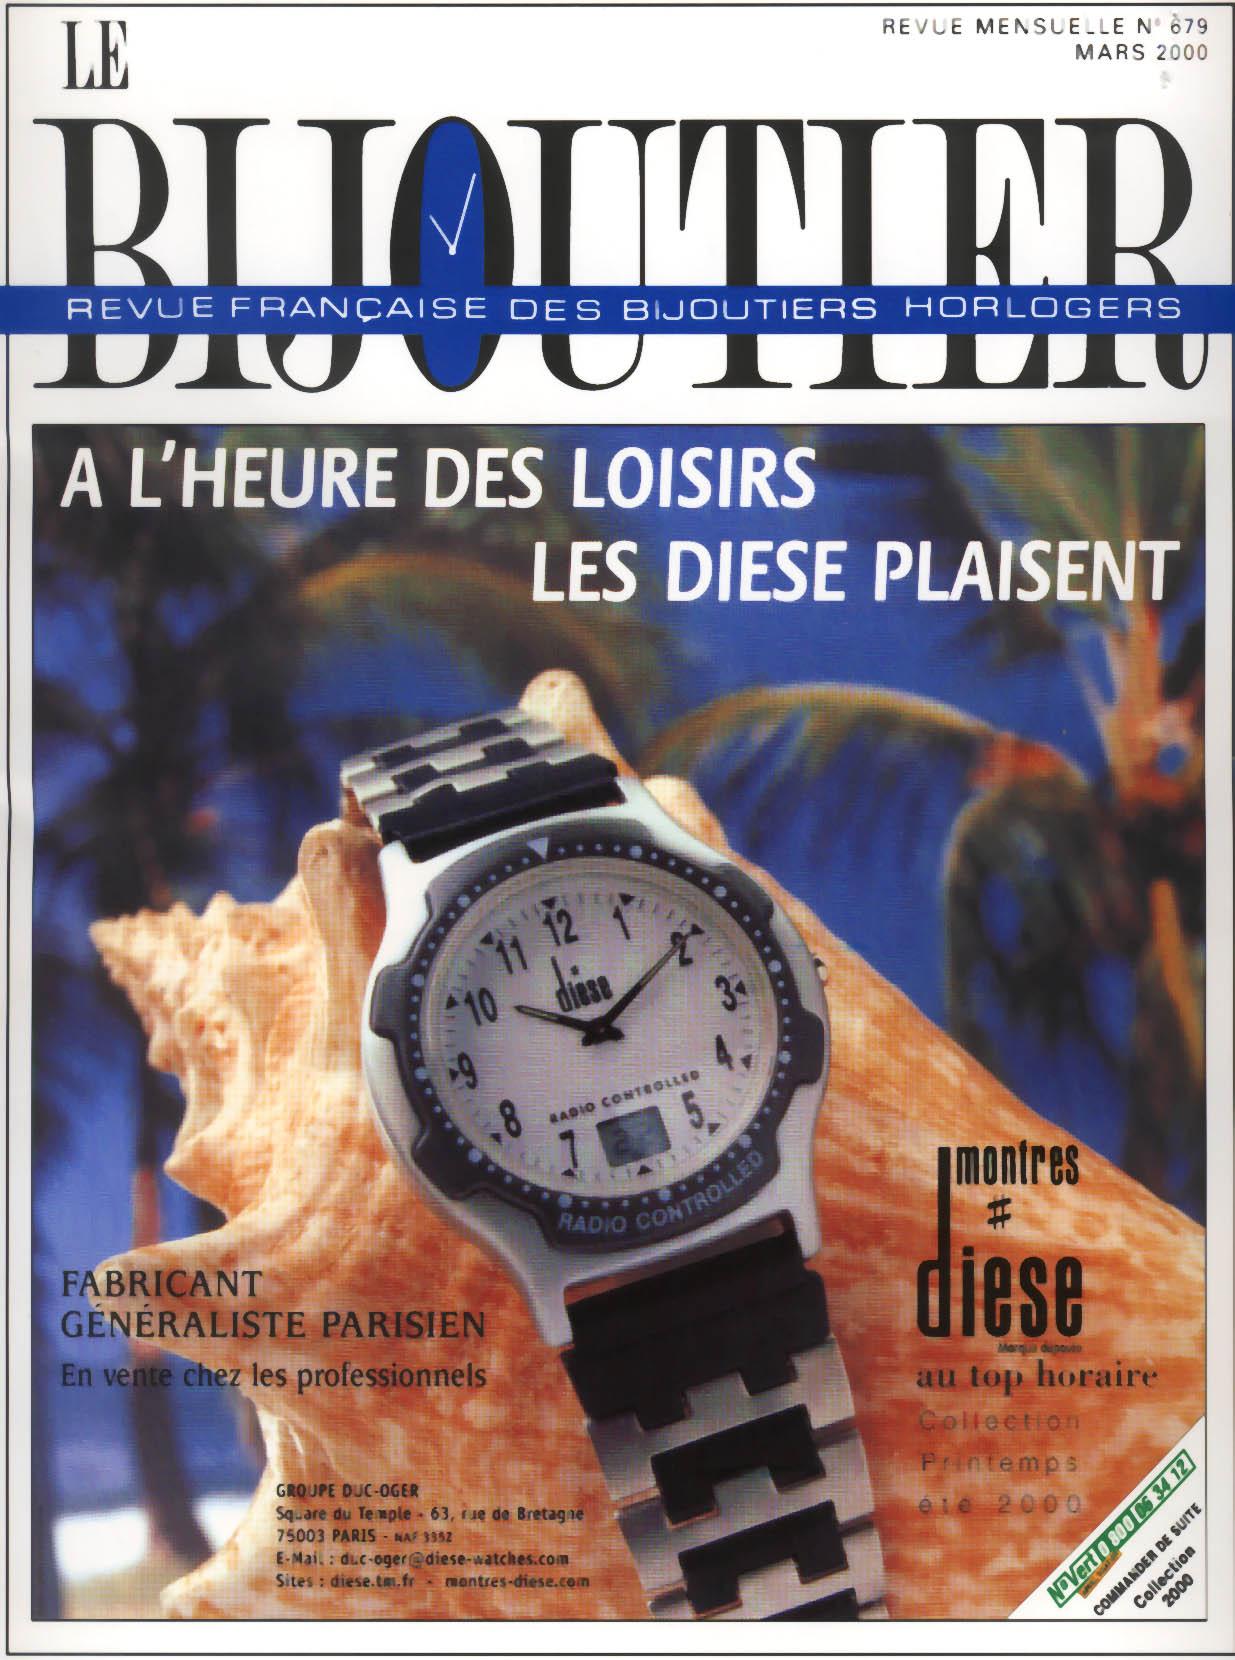 Le Bijoutier - Mars 2000 - Couve.jpg